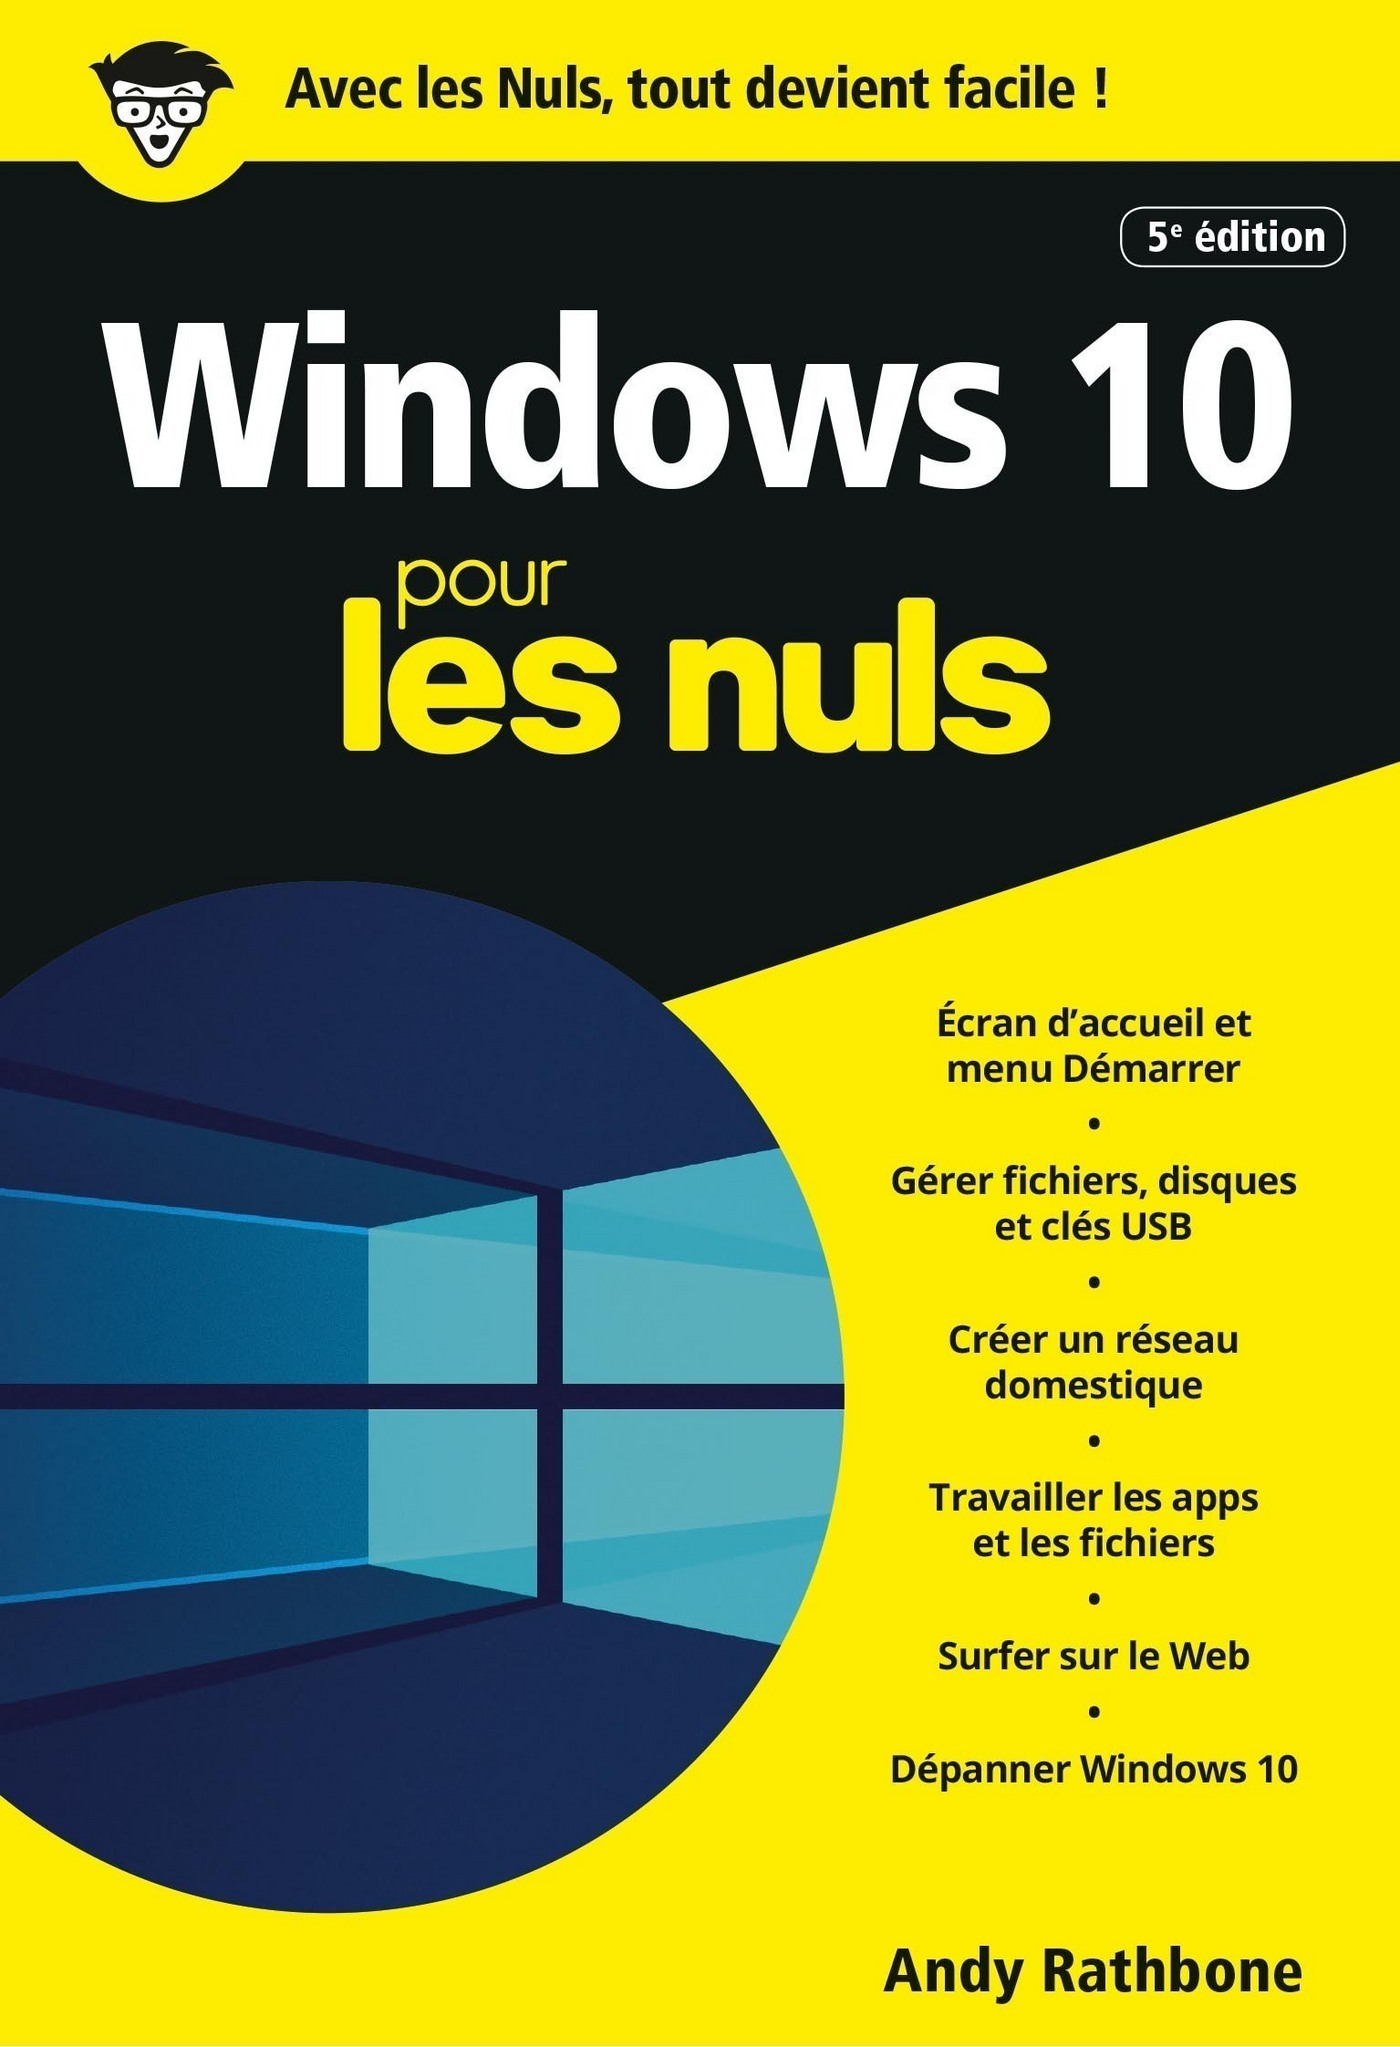 Internet Pour Les Nuls Gratuit Pdf : internet, gratuit, Windows, Rathbone, Informatique, Initiation, Leslibraires.ca